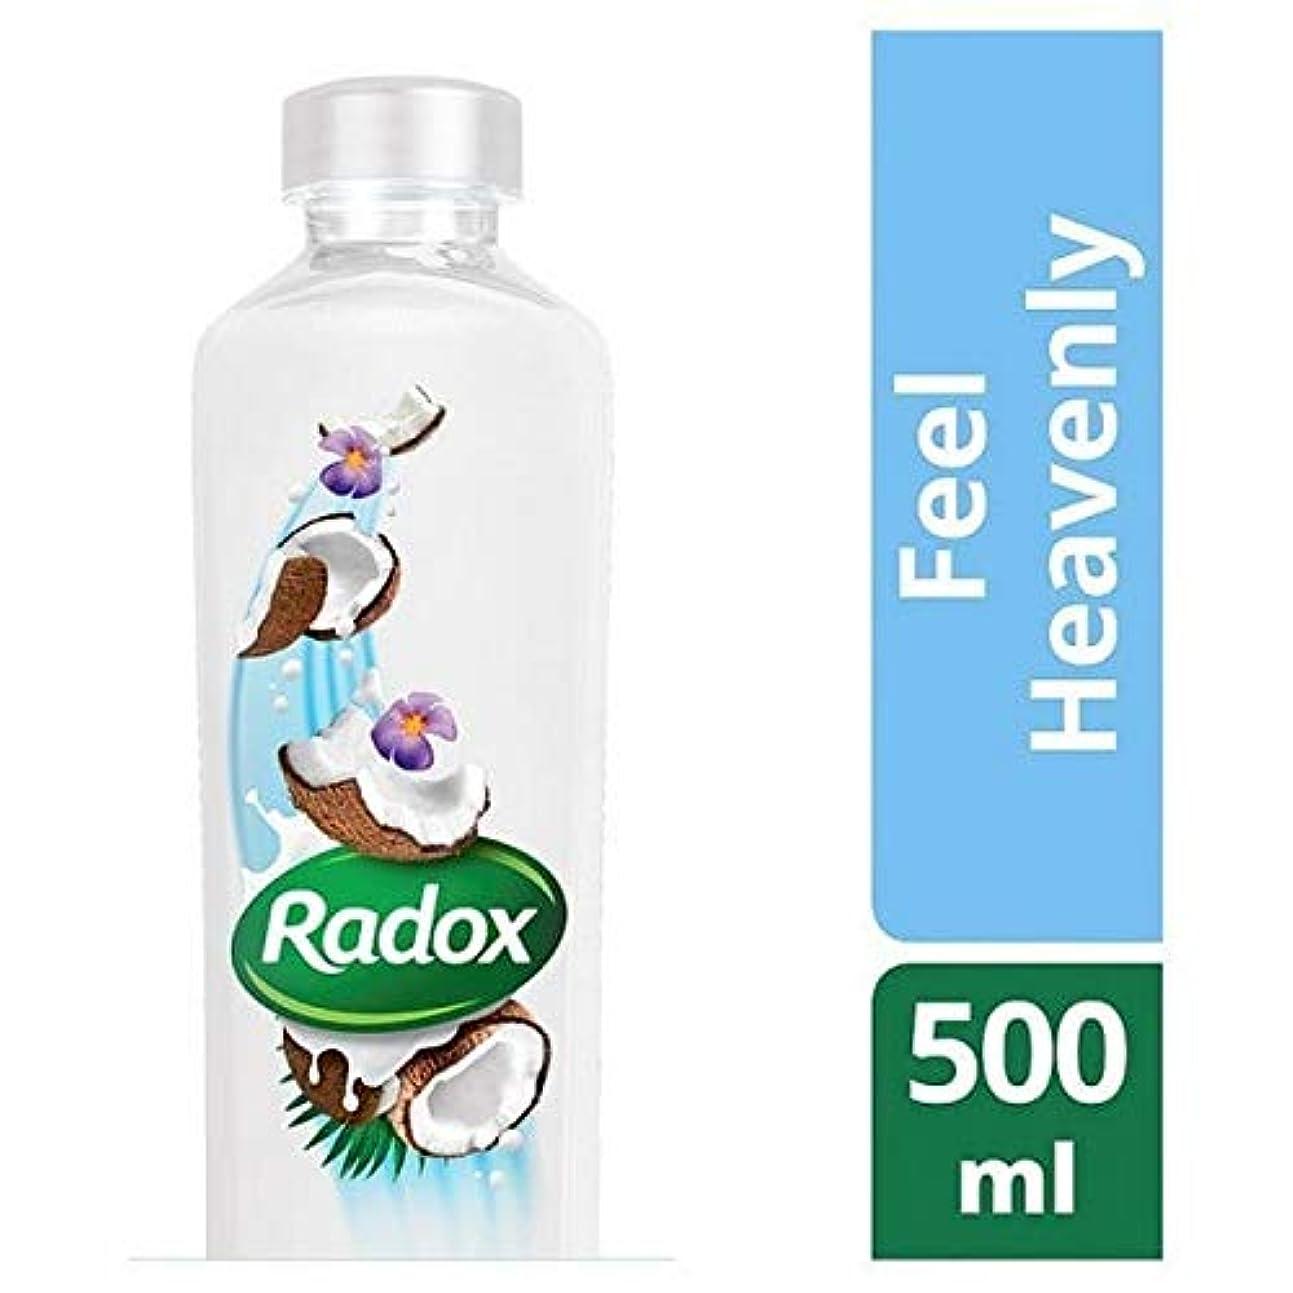 レンダーヒューズ仲間[Radox] Radoxは天国の500ミリリットルを感じます - Radox Feel Heavenly 500ml [並行輸入品]